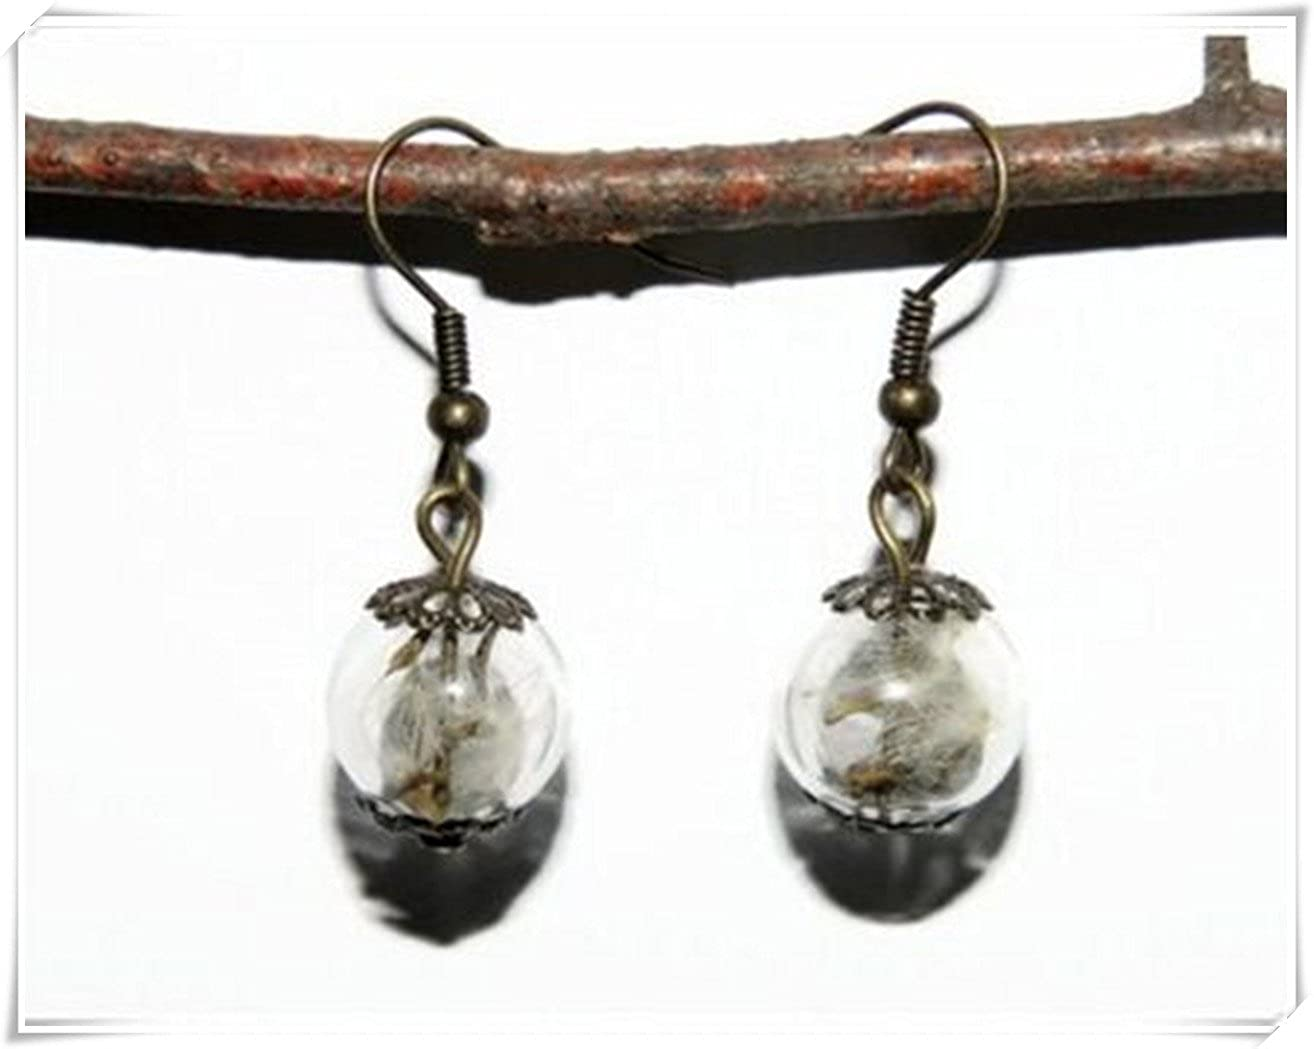 Diente de cristal Orb pendientes, pendientes de bola de cristal con flores secas, pequeño MUNDO Orb pendientes, otoño joyas, latón envejecido